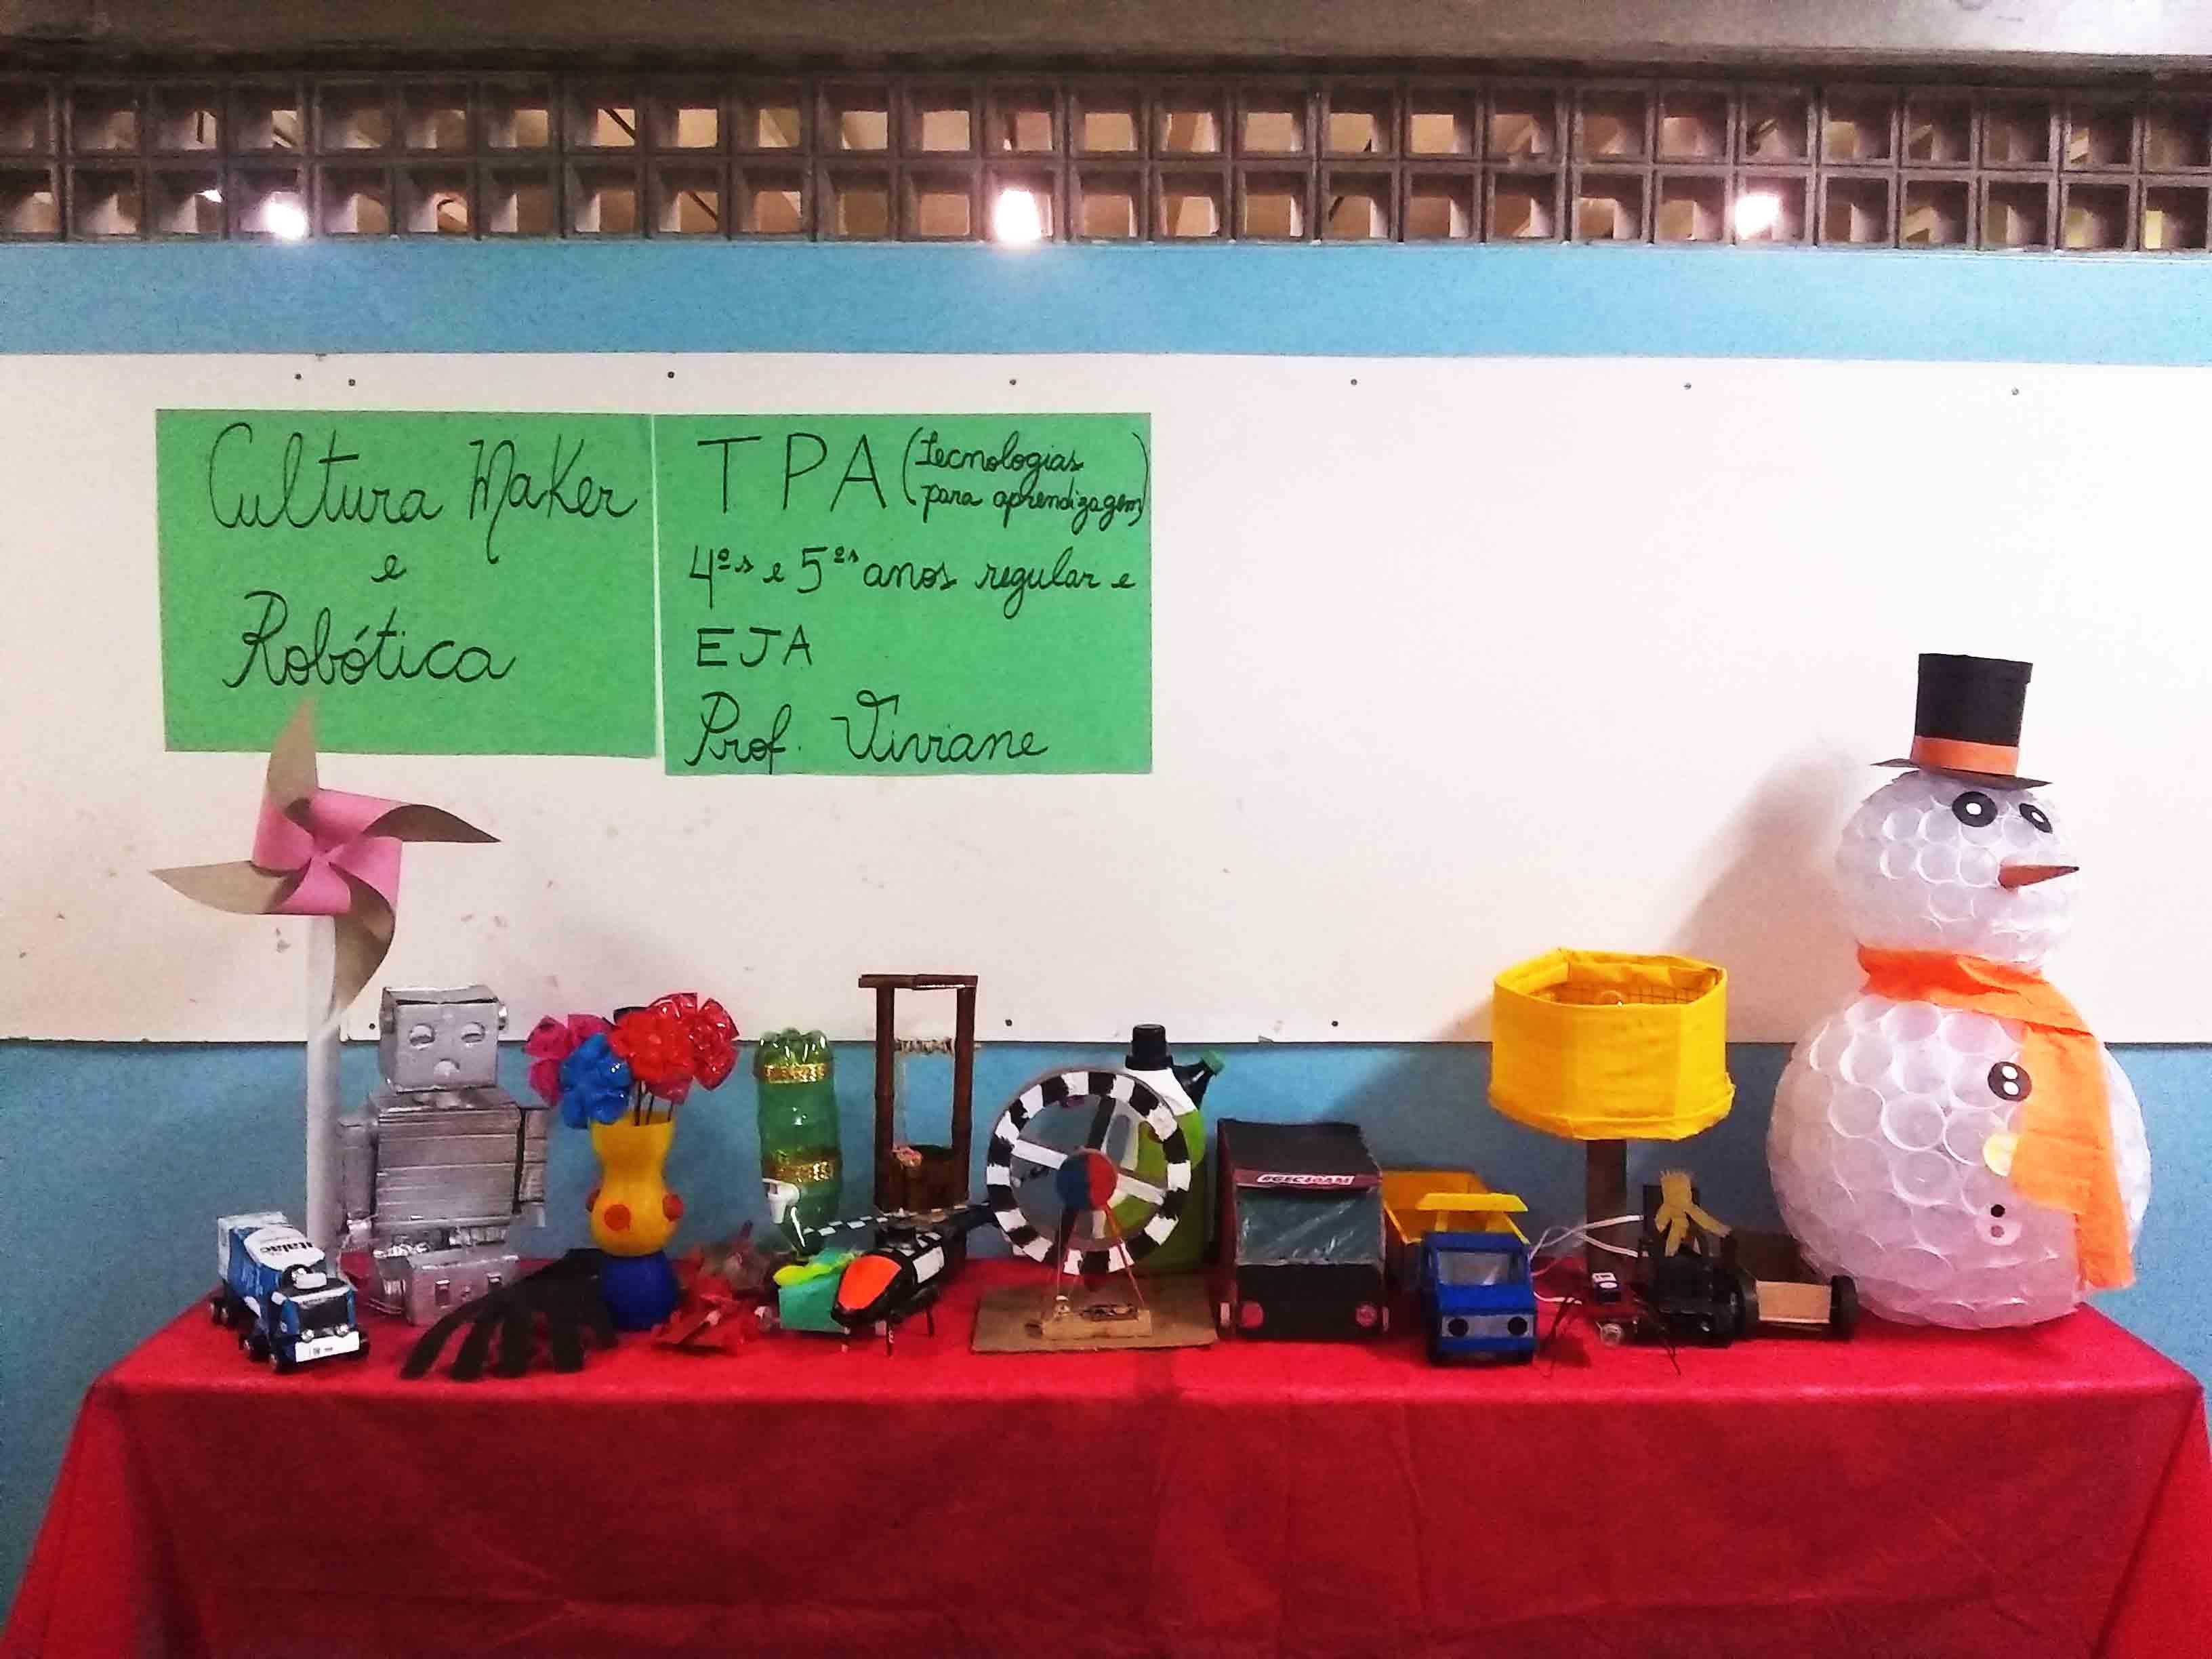 """Projetos em exposição. Sobre mesas escolares há um robô, caminhões, um boneco de neve, um catavento, um helicópetro e outros objetos construídos pelos estudantes. Na parede, dois cartazes em papel verde escrito """"Cultura Maker e Robótica"""" e """"TPA (Tecnologia para aprendizagem) quartos e quintos anos regular e EJA. Prof. Viviane"""". Fim da descrição."""